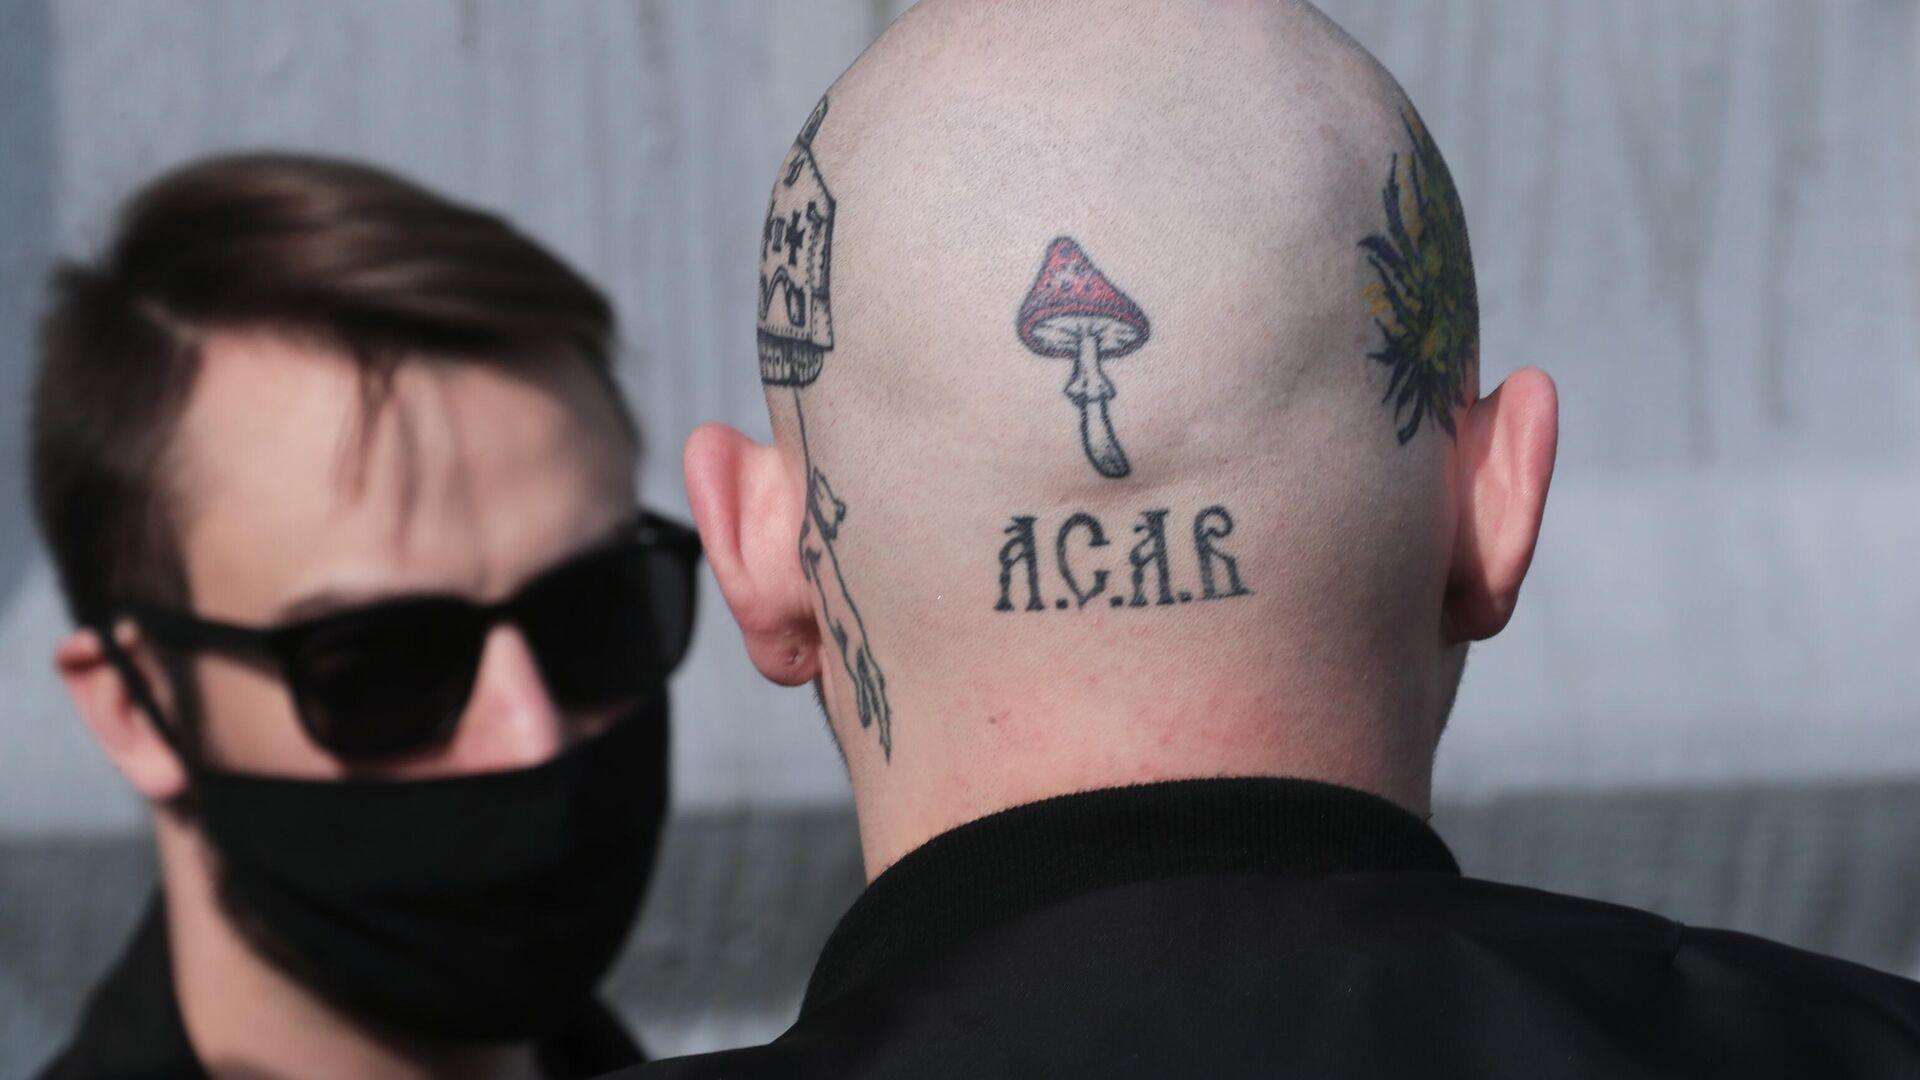 Татуировки на голове мужчины, пришедшего на церемонию прощания с националистом Максимом Марцинкевичем  - РИА Новости, 1920, 05.07.2021